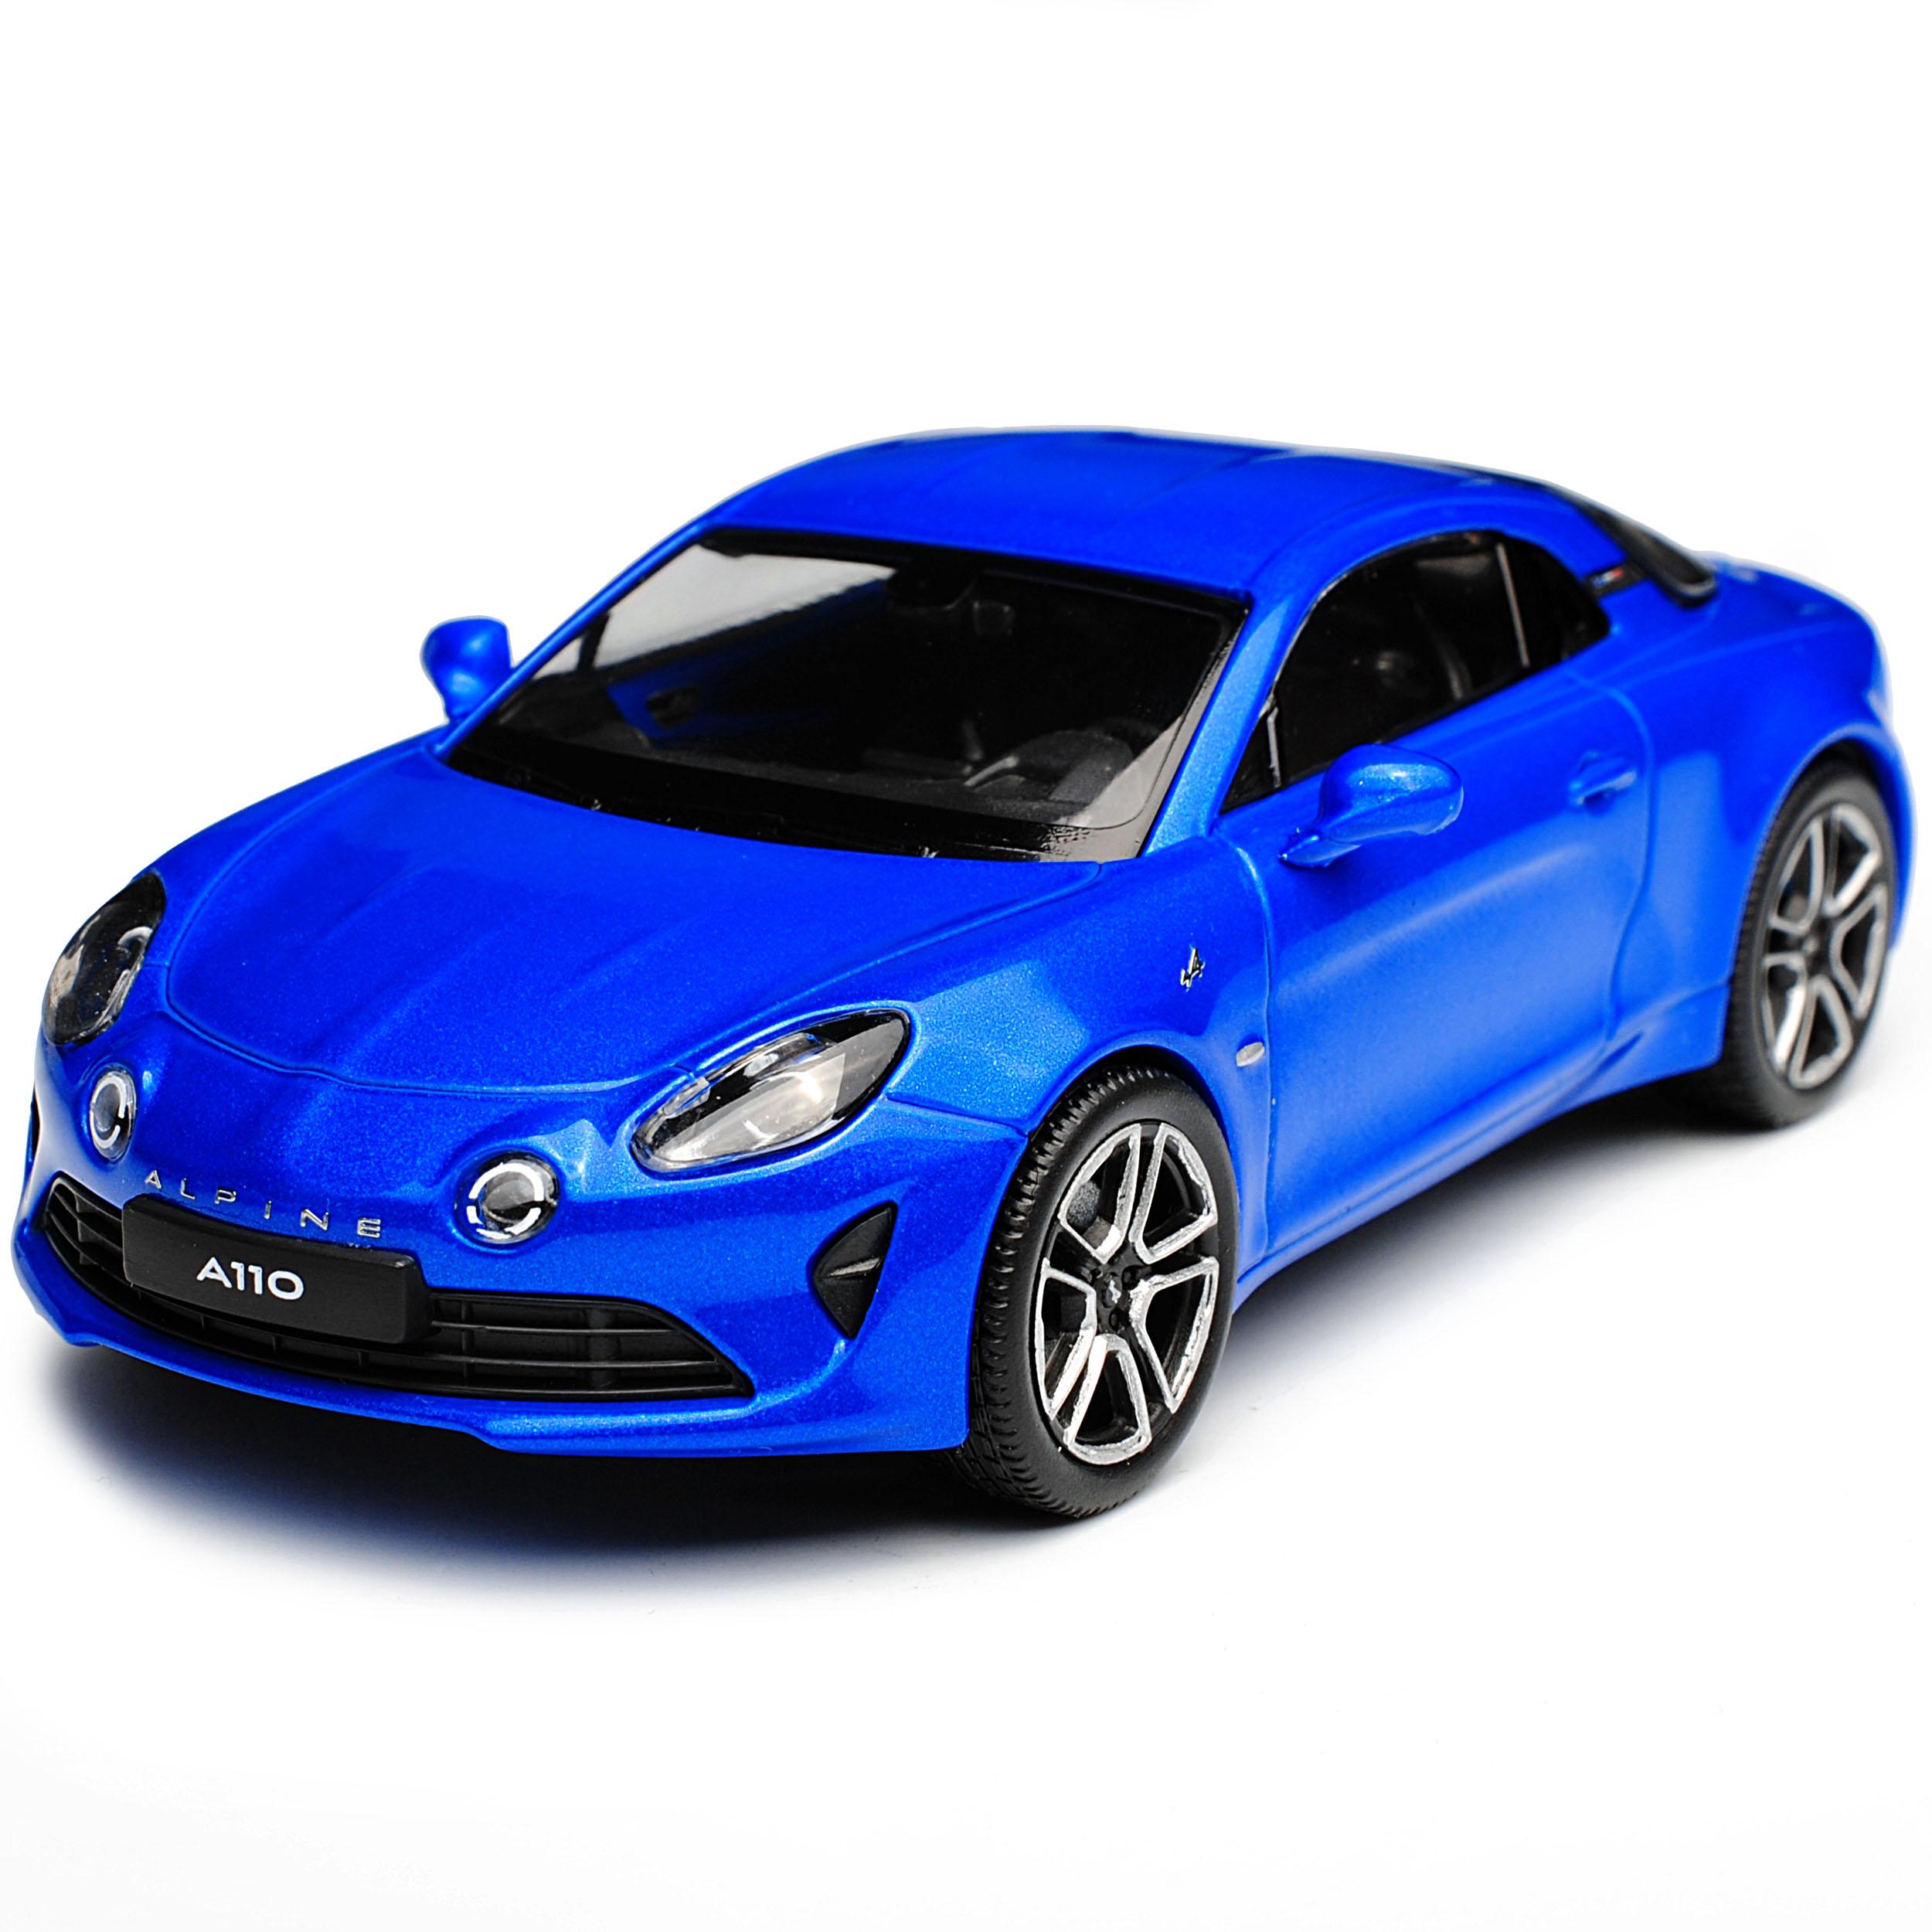 Renault-Alpine-a110-Coupe-Bleu-Premiere-Edition-a-partir-de-2017-1-43-Norev-modele-voiture